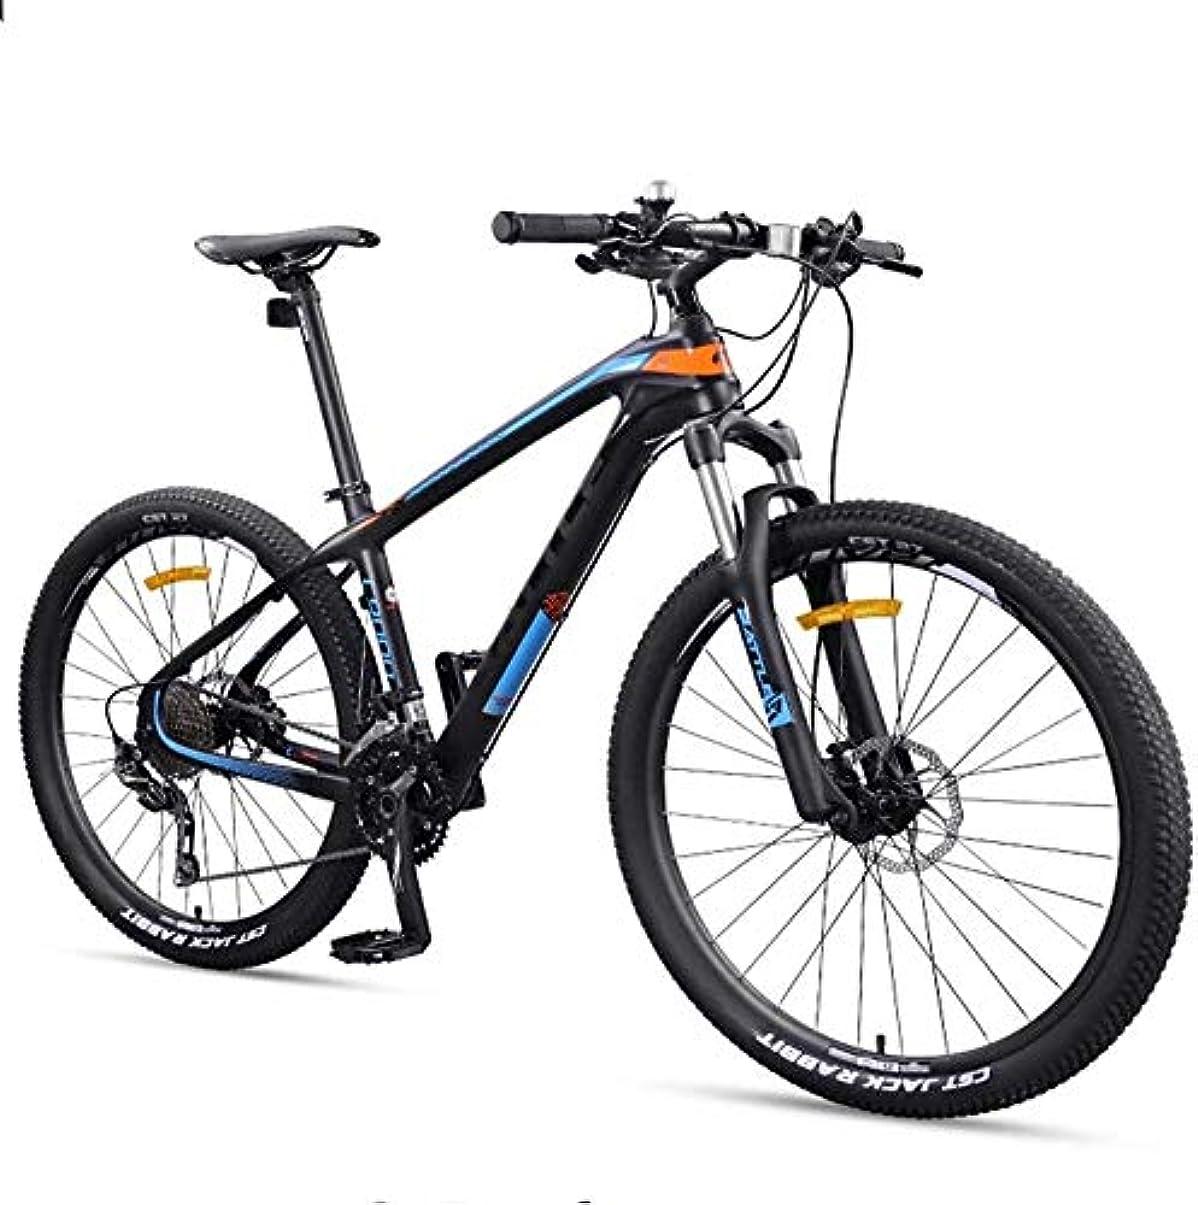 裏切り毎年苦しめる27.5インチの大人のマウンテンバイク、超軽量カーボンファイバーフレームマウンテントレイルバイク、デュアルディスクブレーキメンズ?レディース?ハードテイルマウンテン自転車